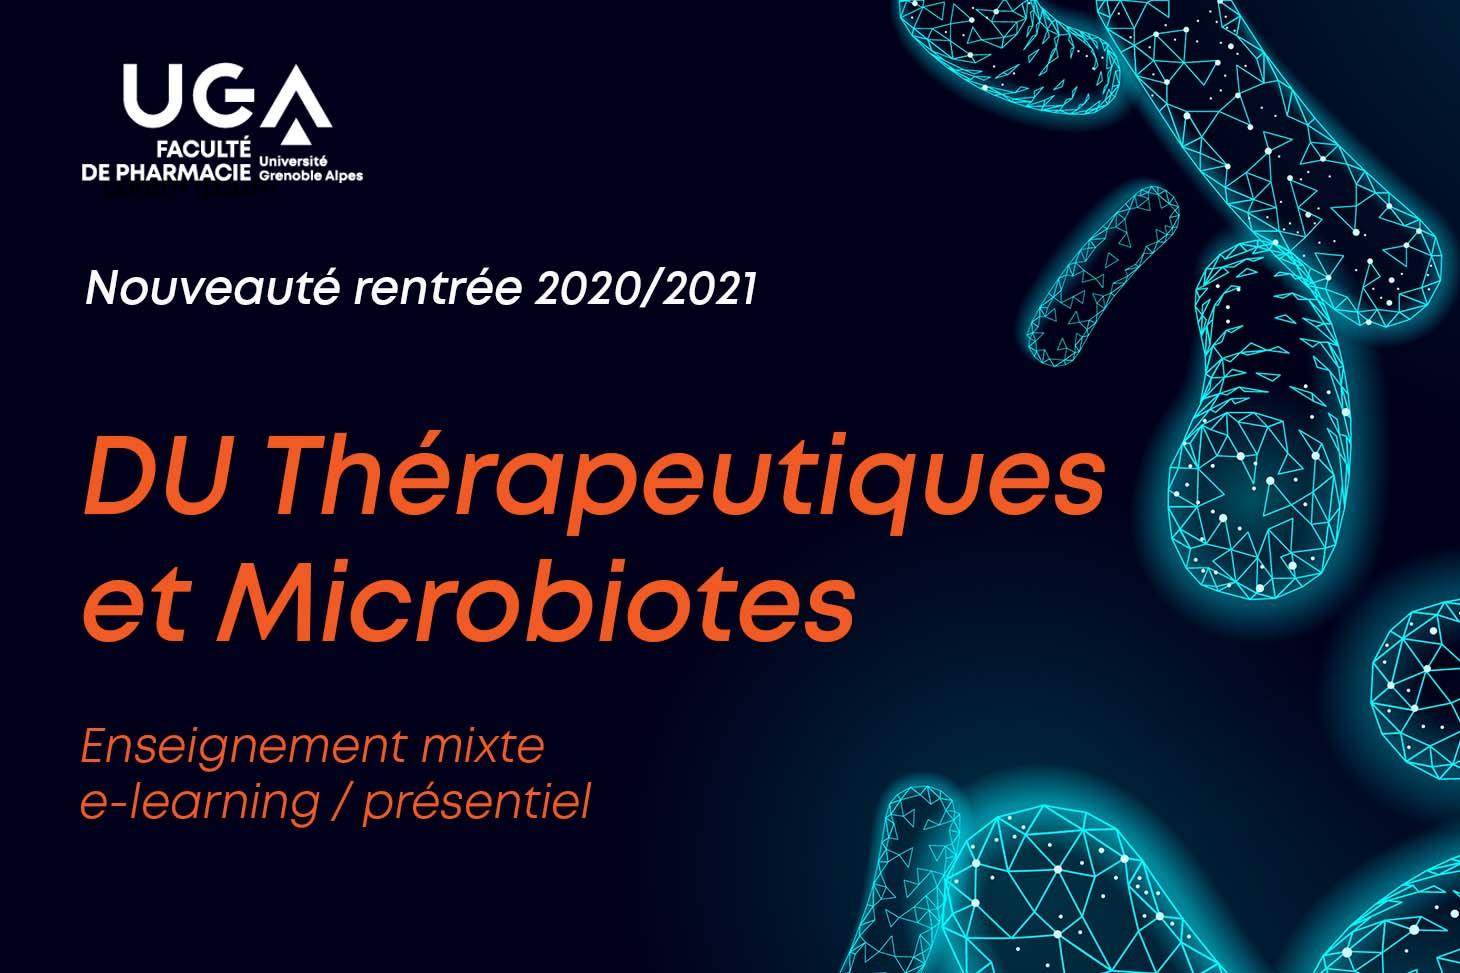 DU Thérapeutiques et microbiotes